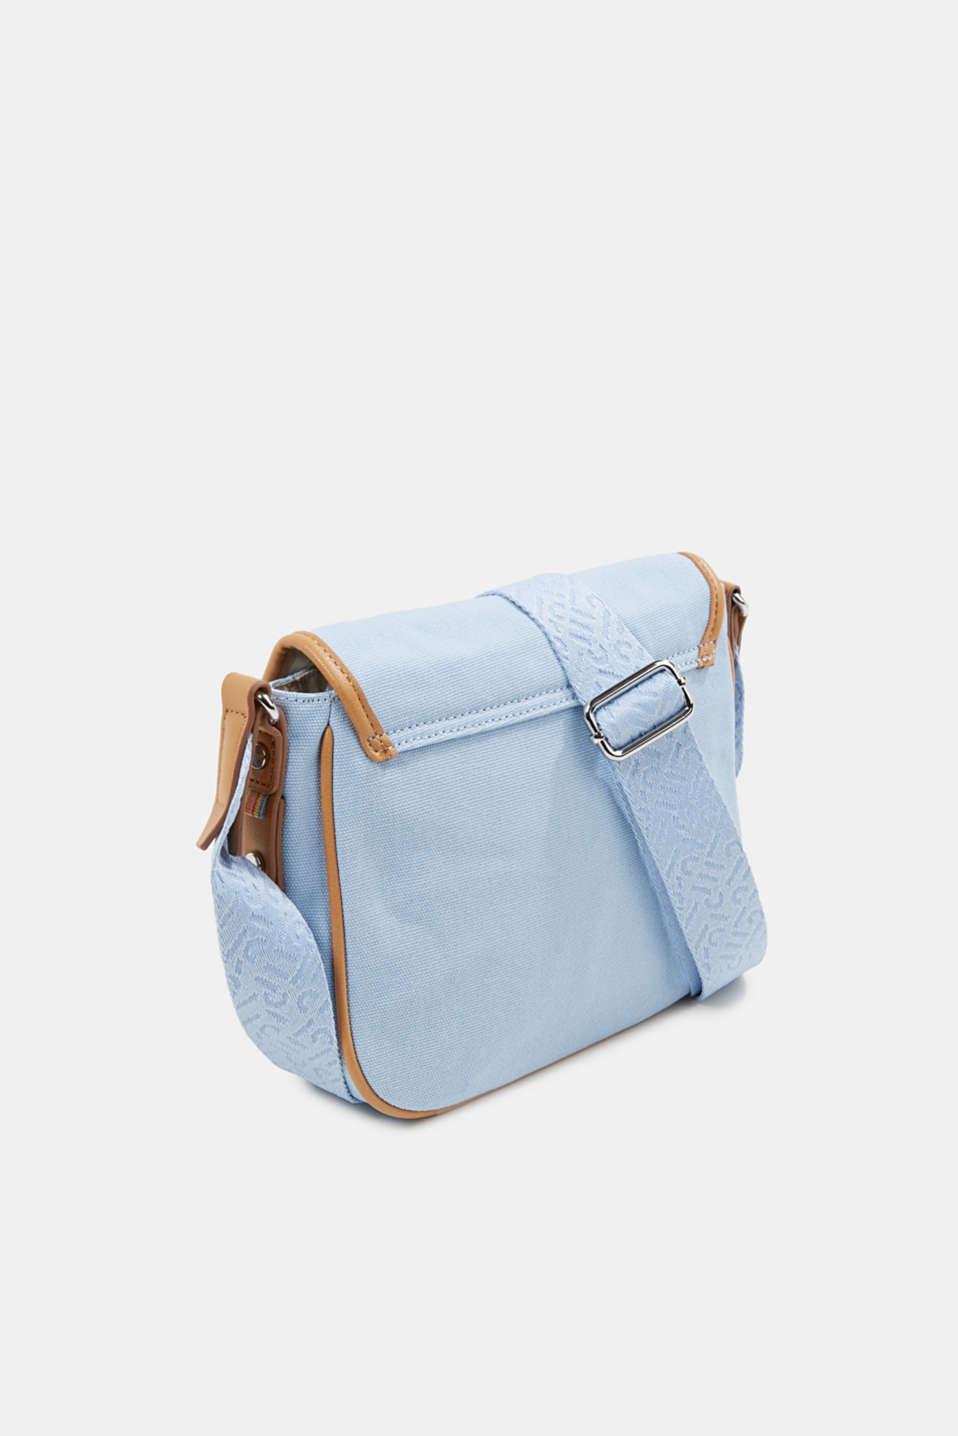 Susie T. shoulder bag, LIGHT BLUE, detail image number 5